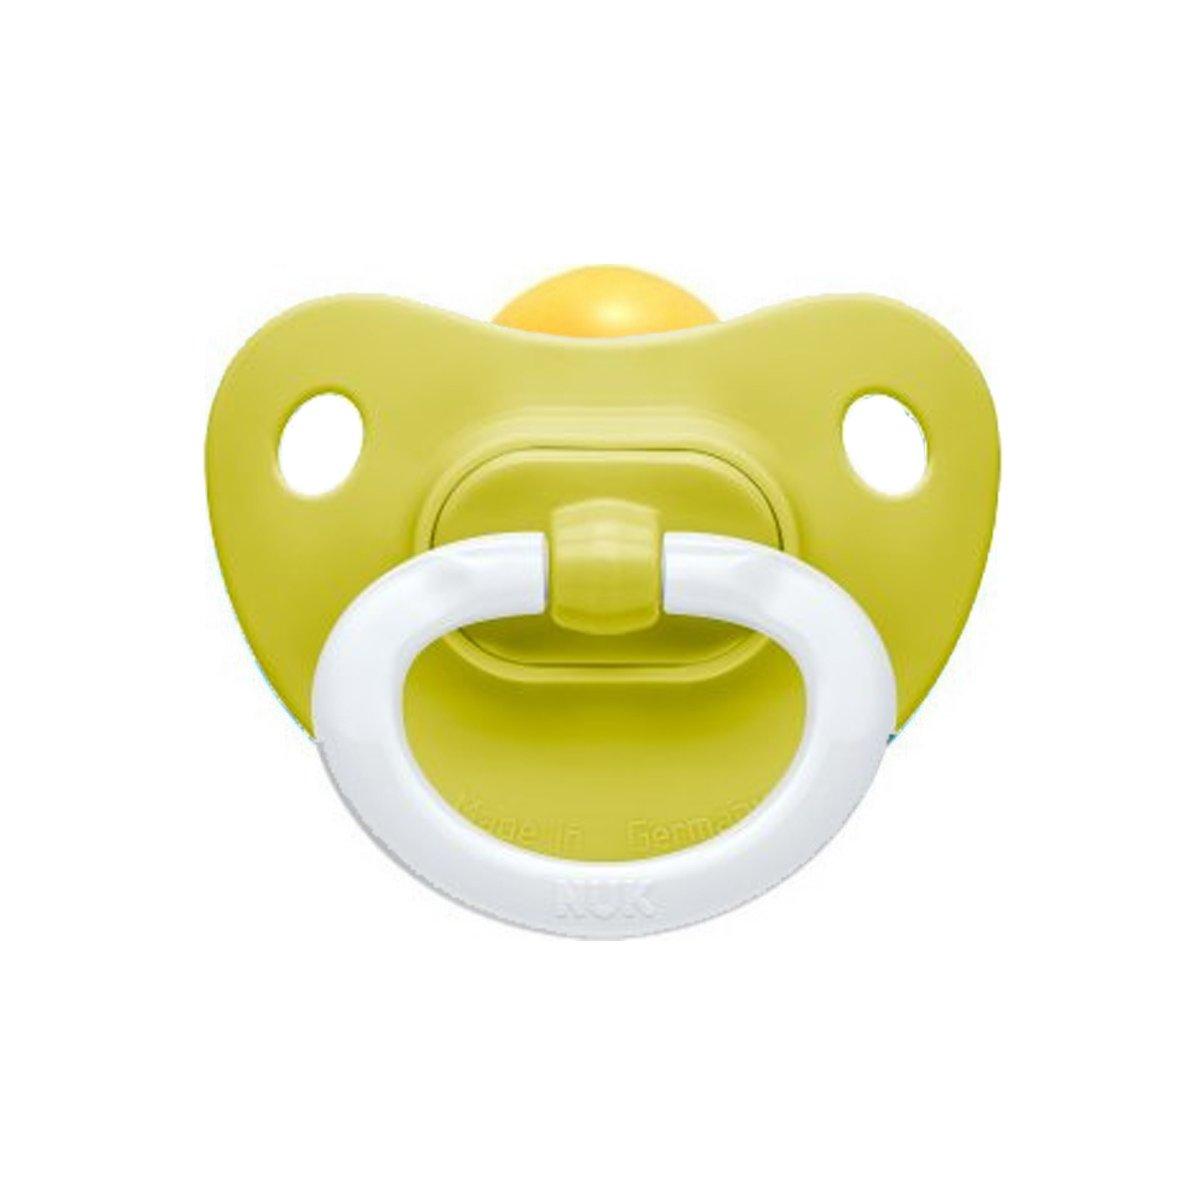 Nuk Classic Soft Πιπίλα Καουτσούκ 1 Τεμάχιο – 0-6 Μηνών Πράσινη